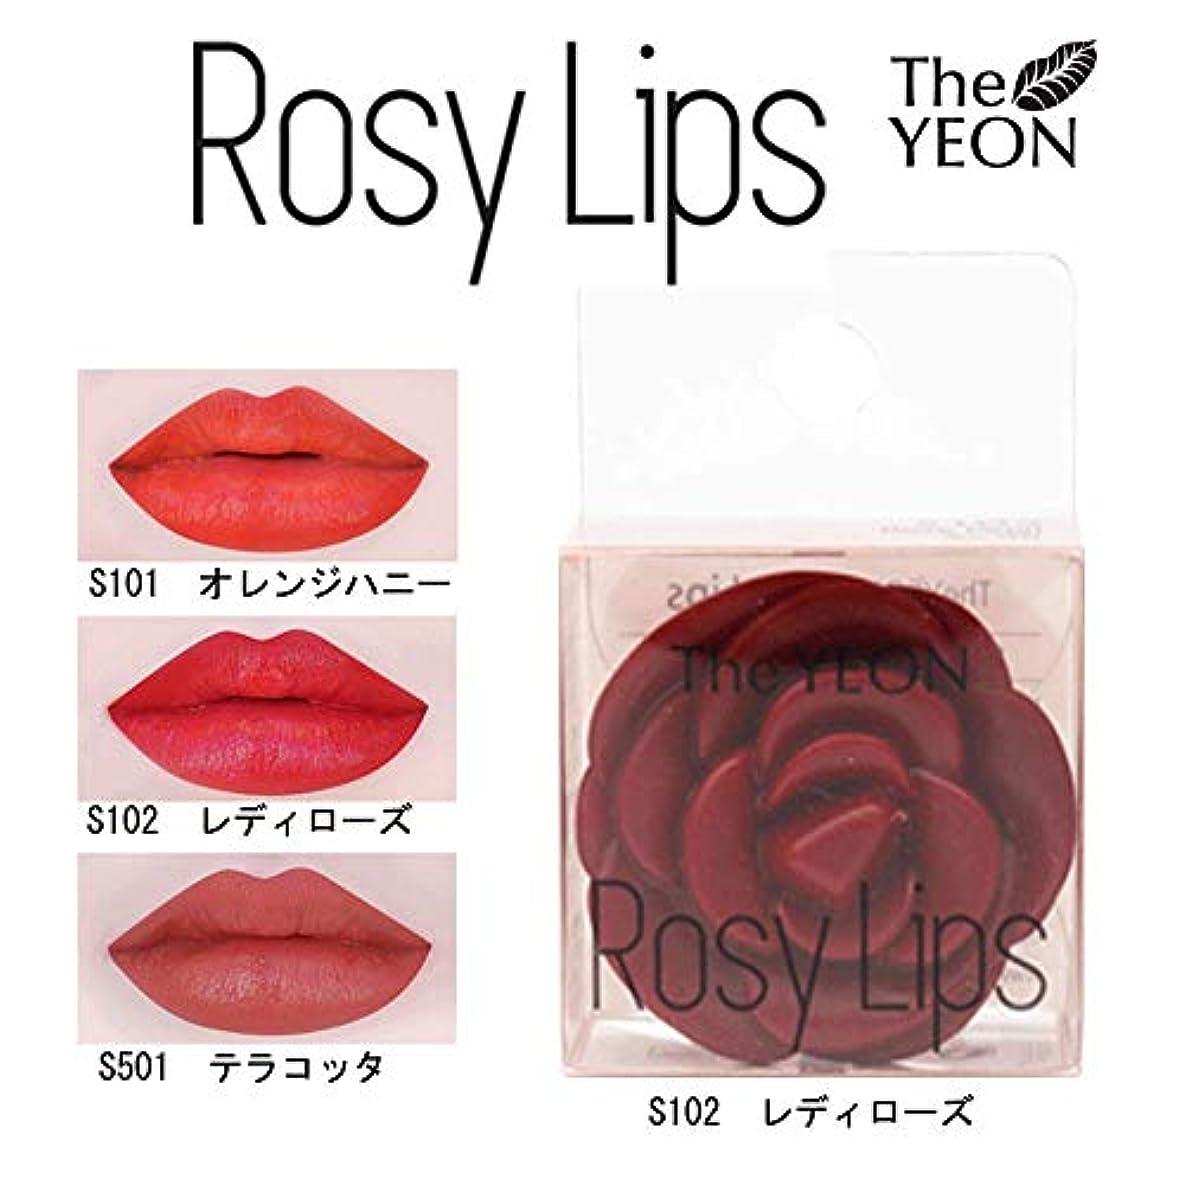 守るフィードバックブルーベルThe YEON Rosy Lips S102 Lady Rose ロージーリップ(レディローズ) コンパクトミラー付きの バラ型 リップ&チーク